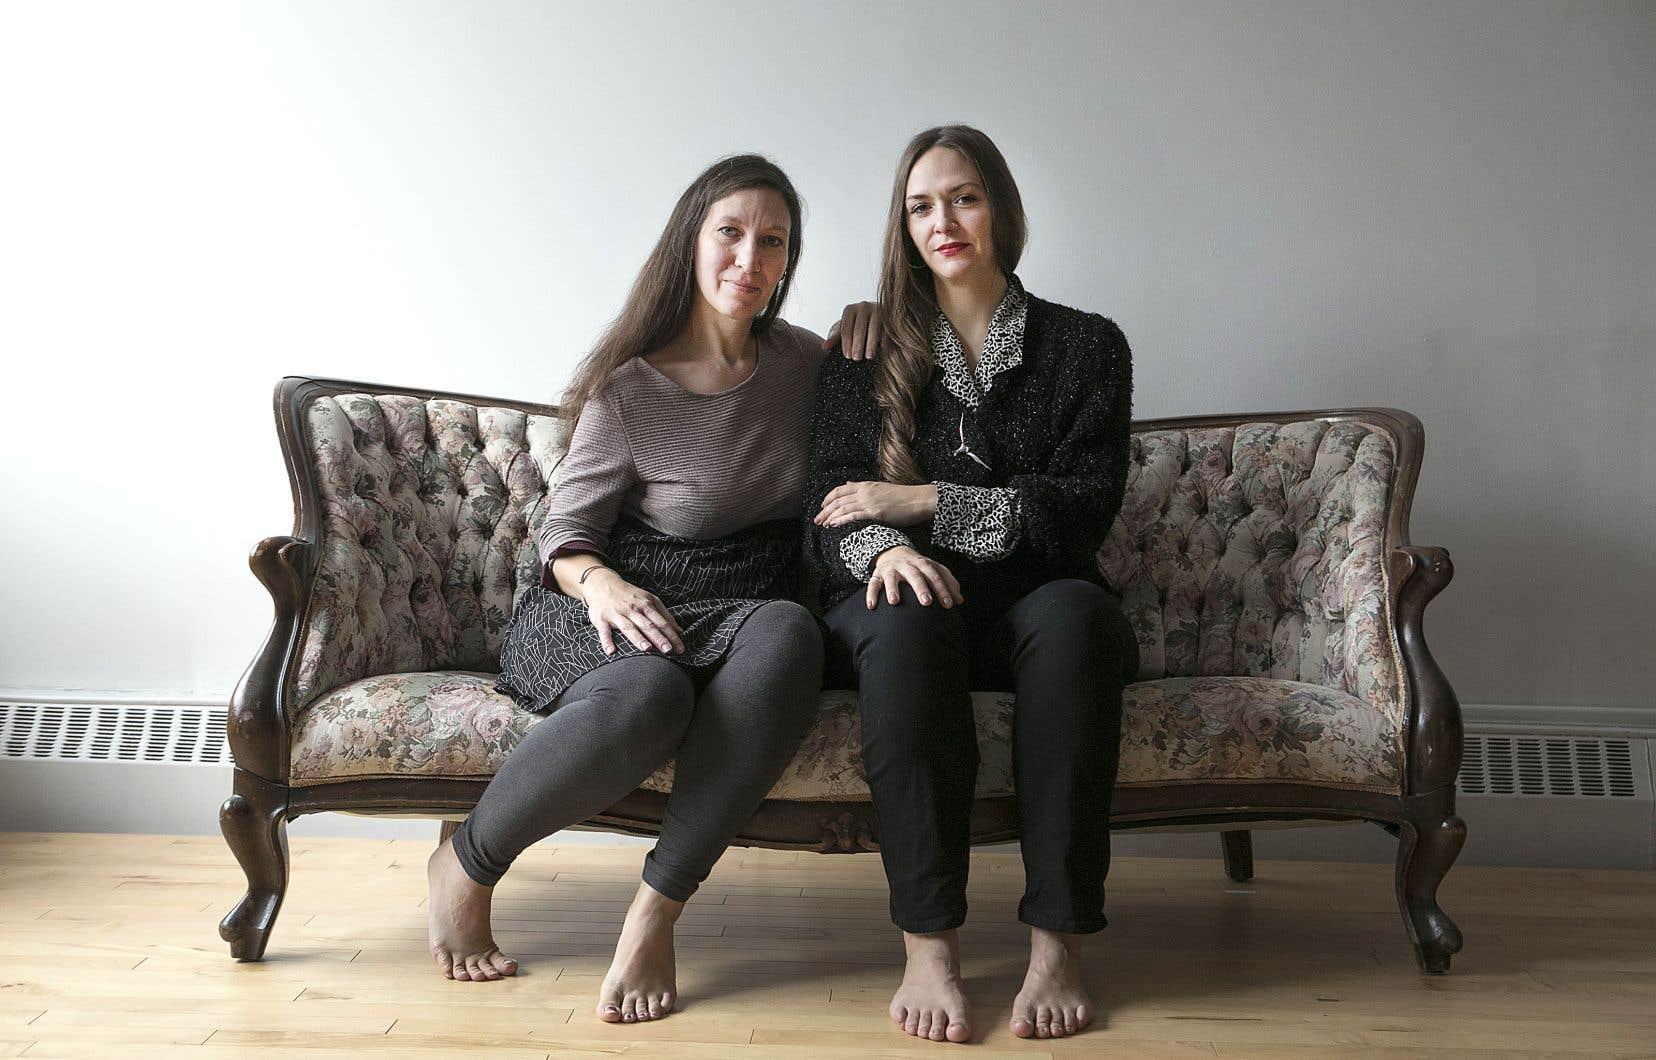 <p>La danseuse Katya Montaignac s'est associée à l'artiste visuelle et performeuse Nadège Grebmeier Forget pour codiriger «Attabler», un projet inédit.</p>